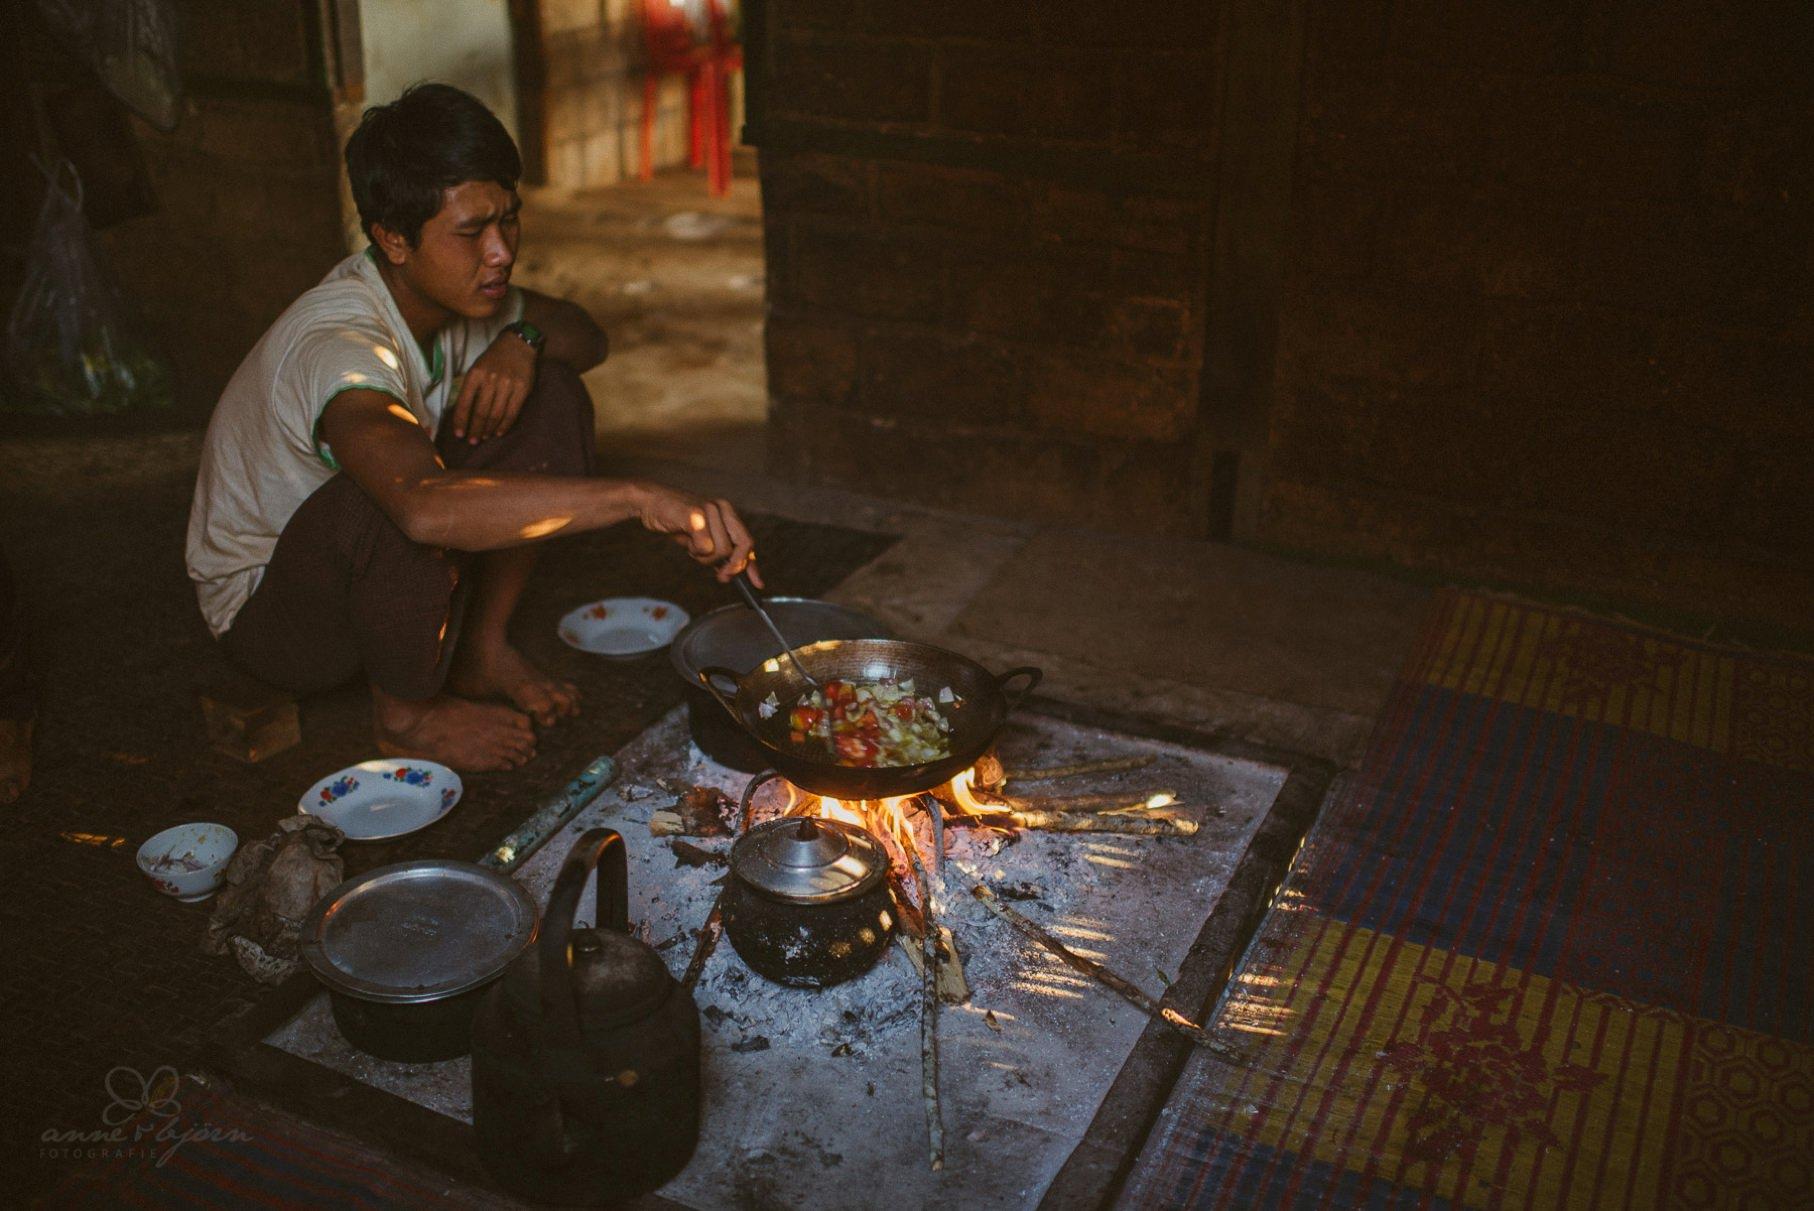 0045 inle lake trekking d76 5935 - Trekking von Kalaw zum Inle-See - Myanmar / Burma